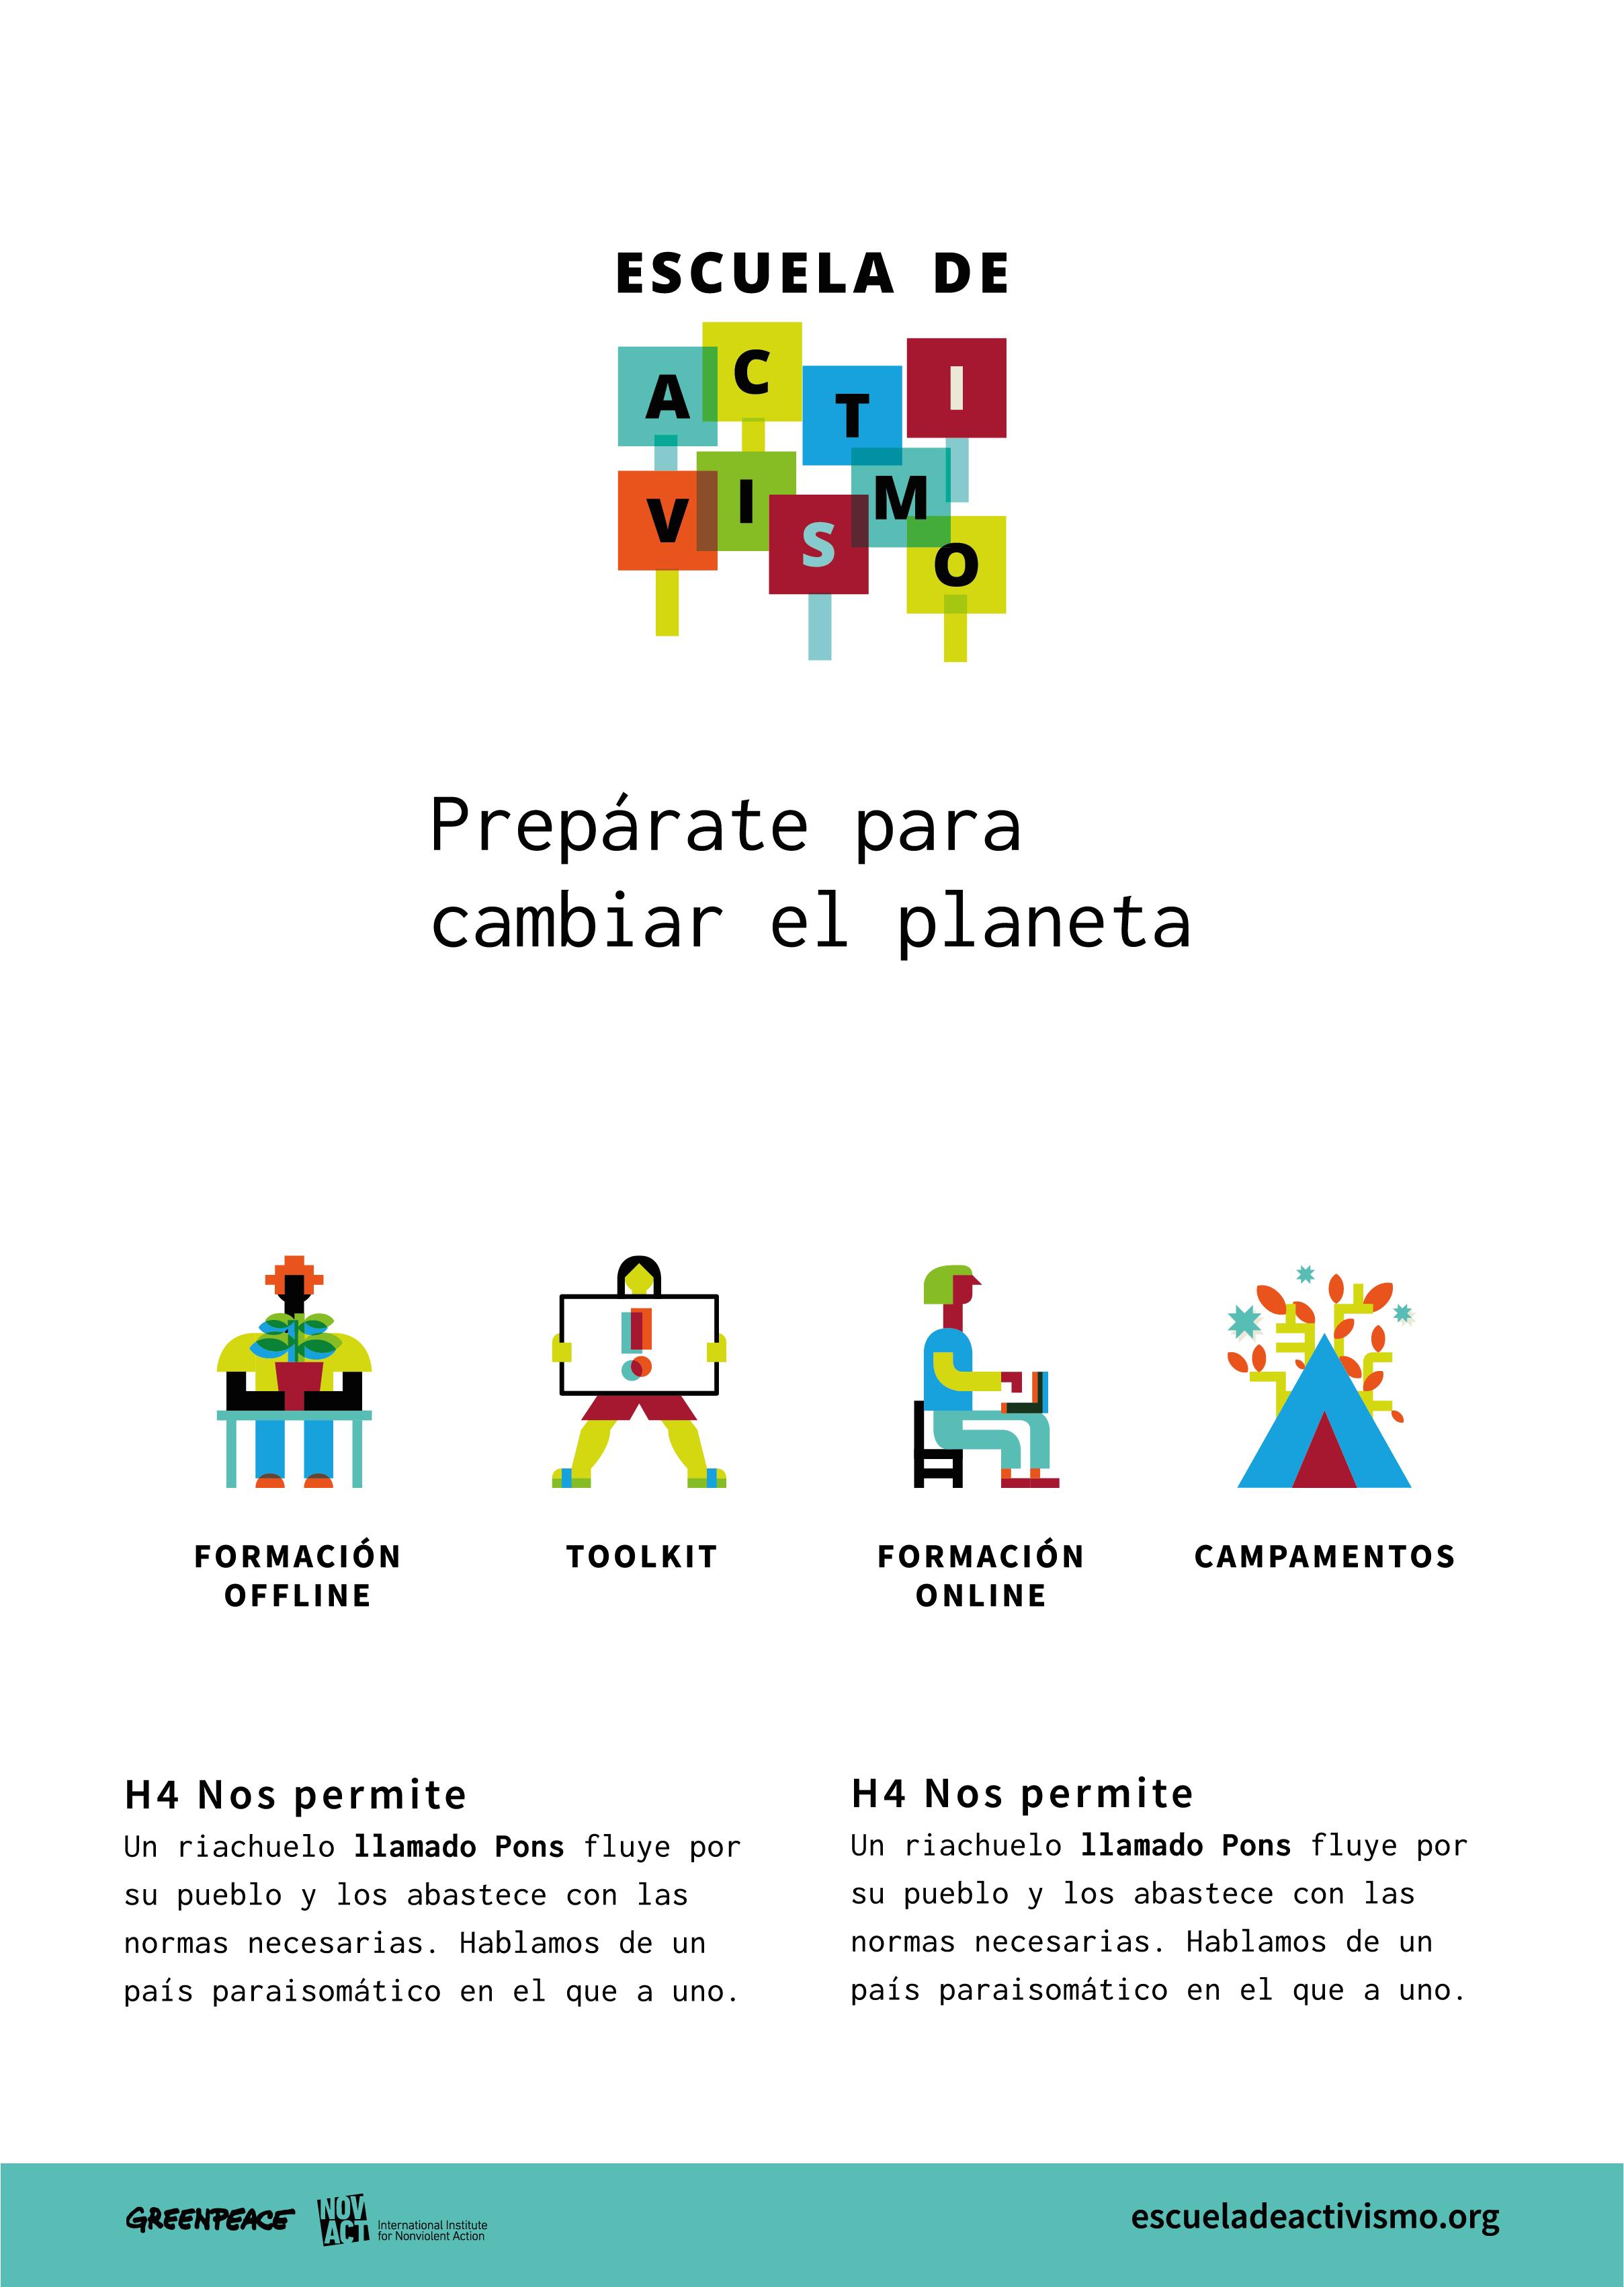 Escuela de Activismo-Poster-A2-01